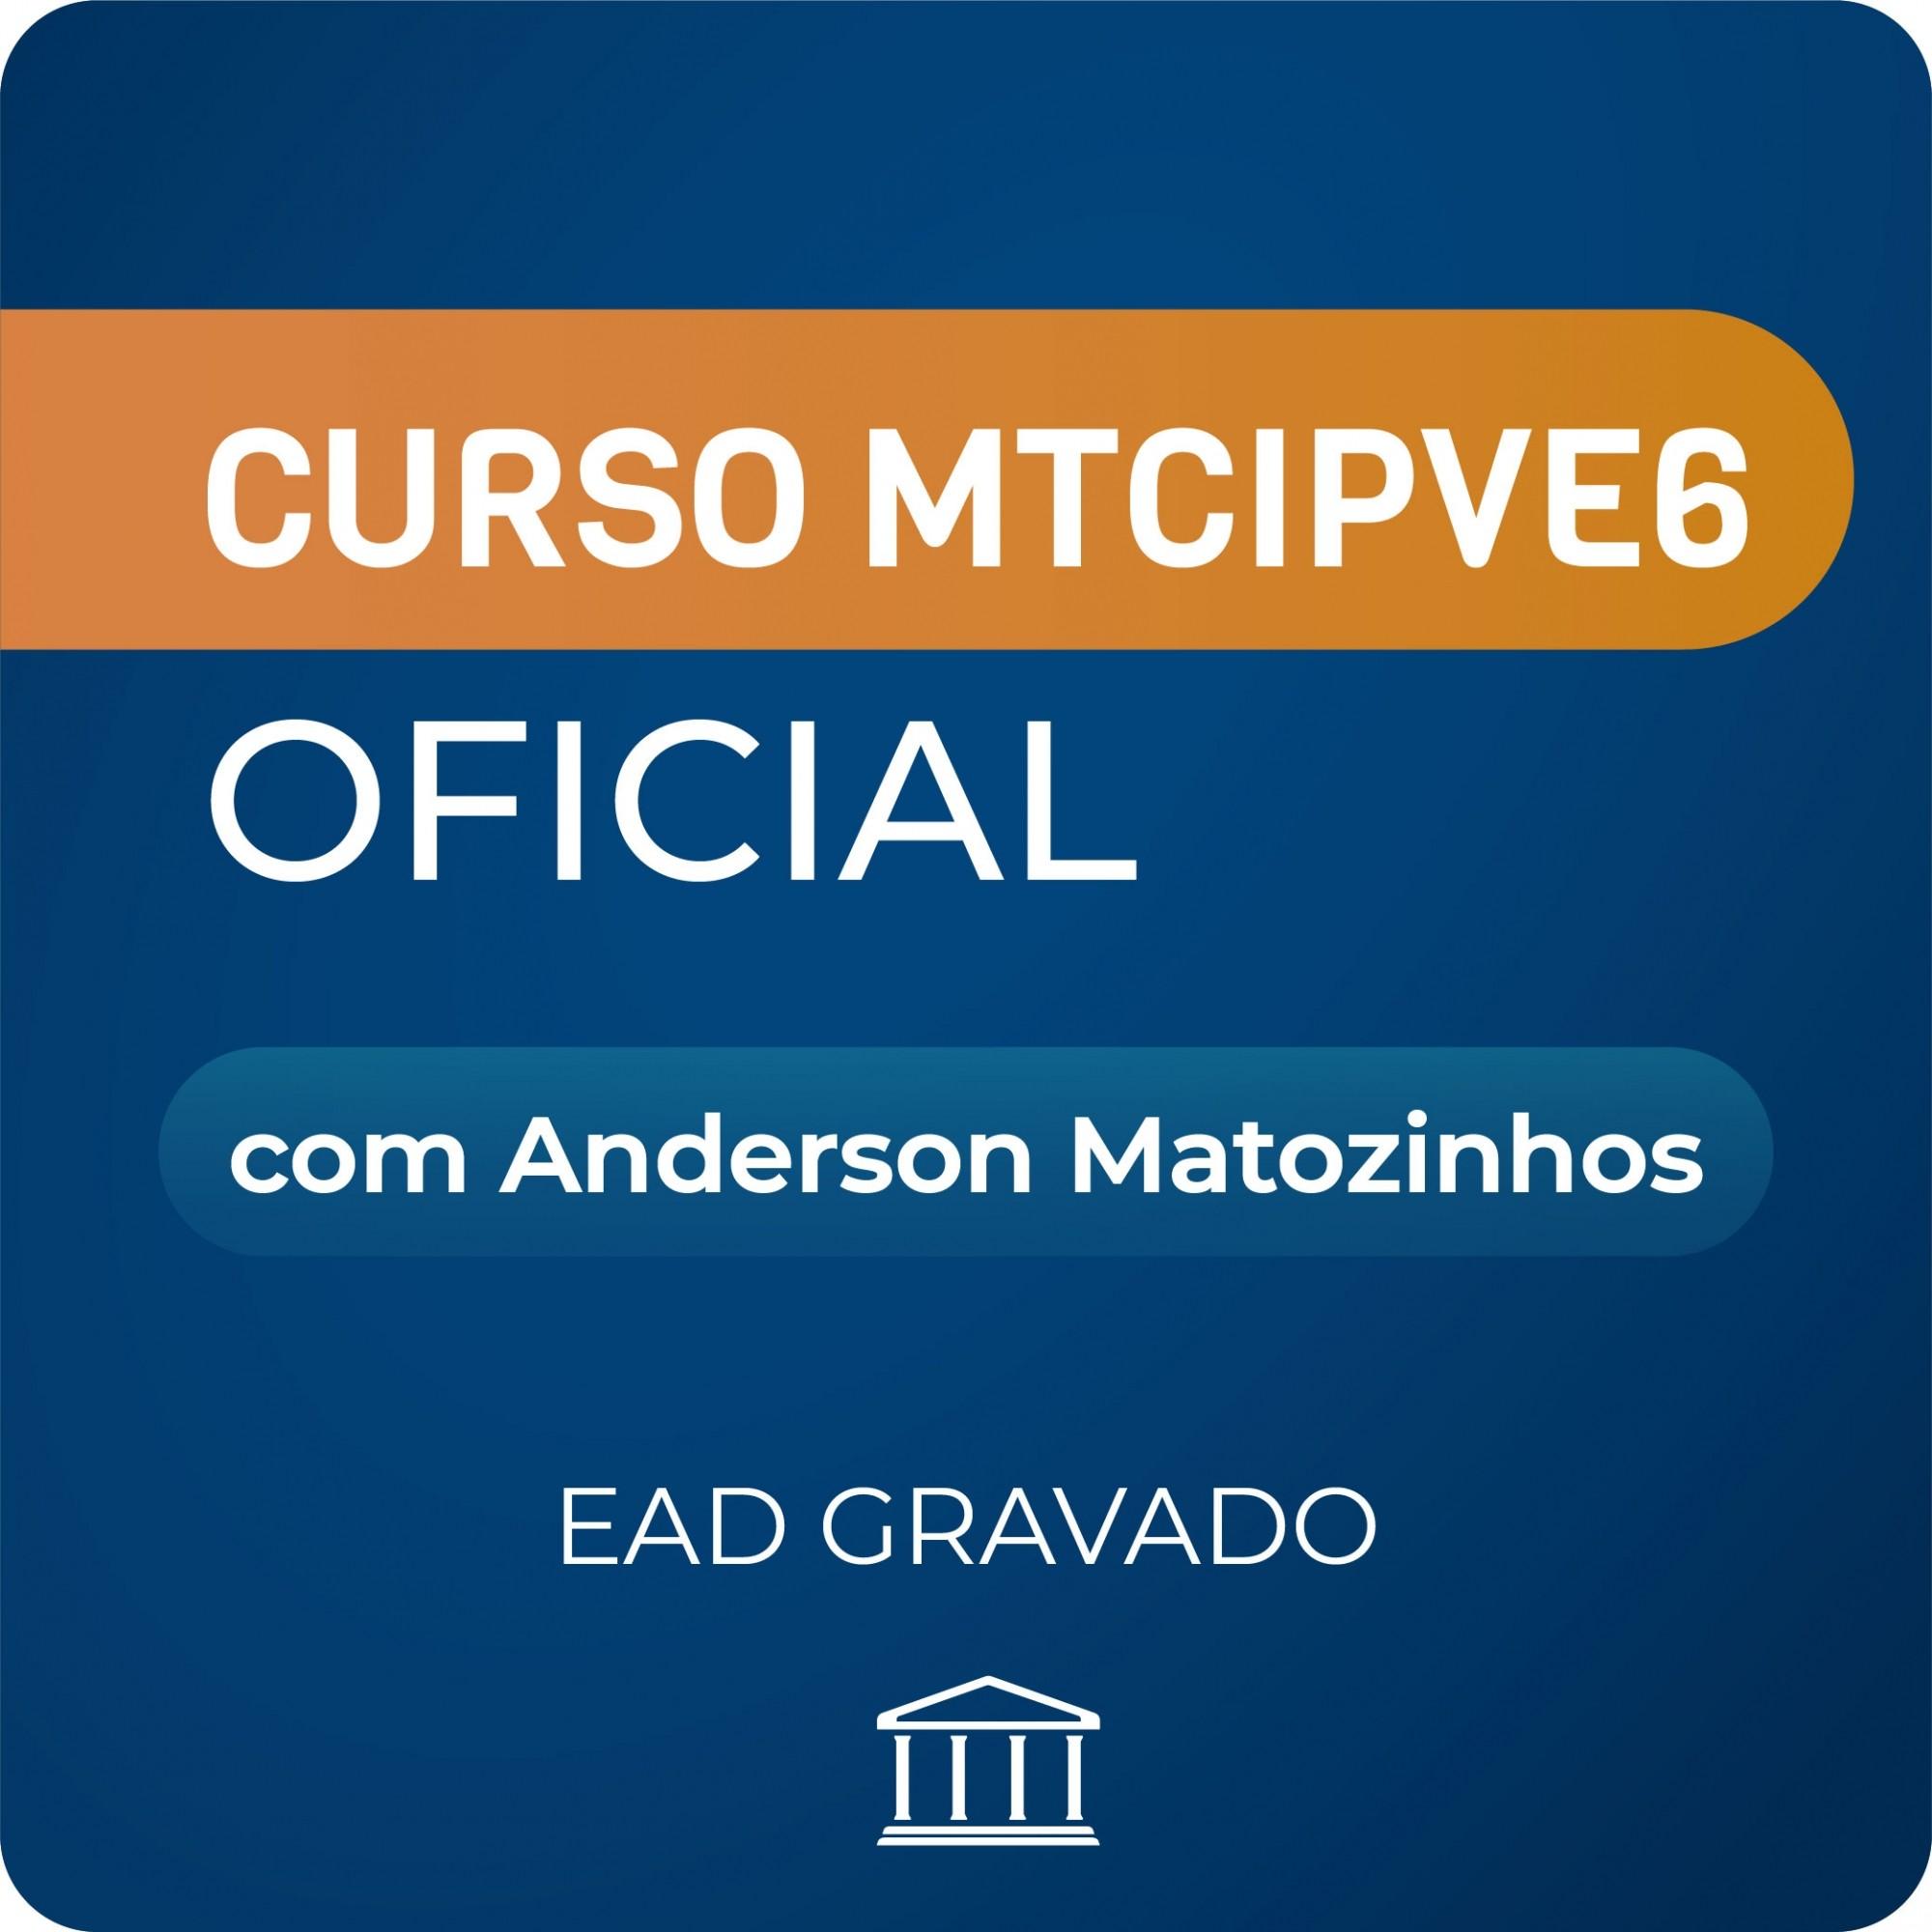 Curso MTCIPV6E com Anderson Matozinhos - GRAVADO  - Voz e Dados Academy